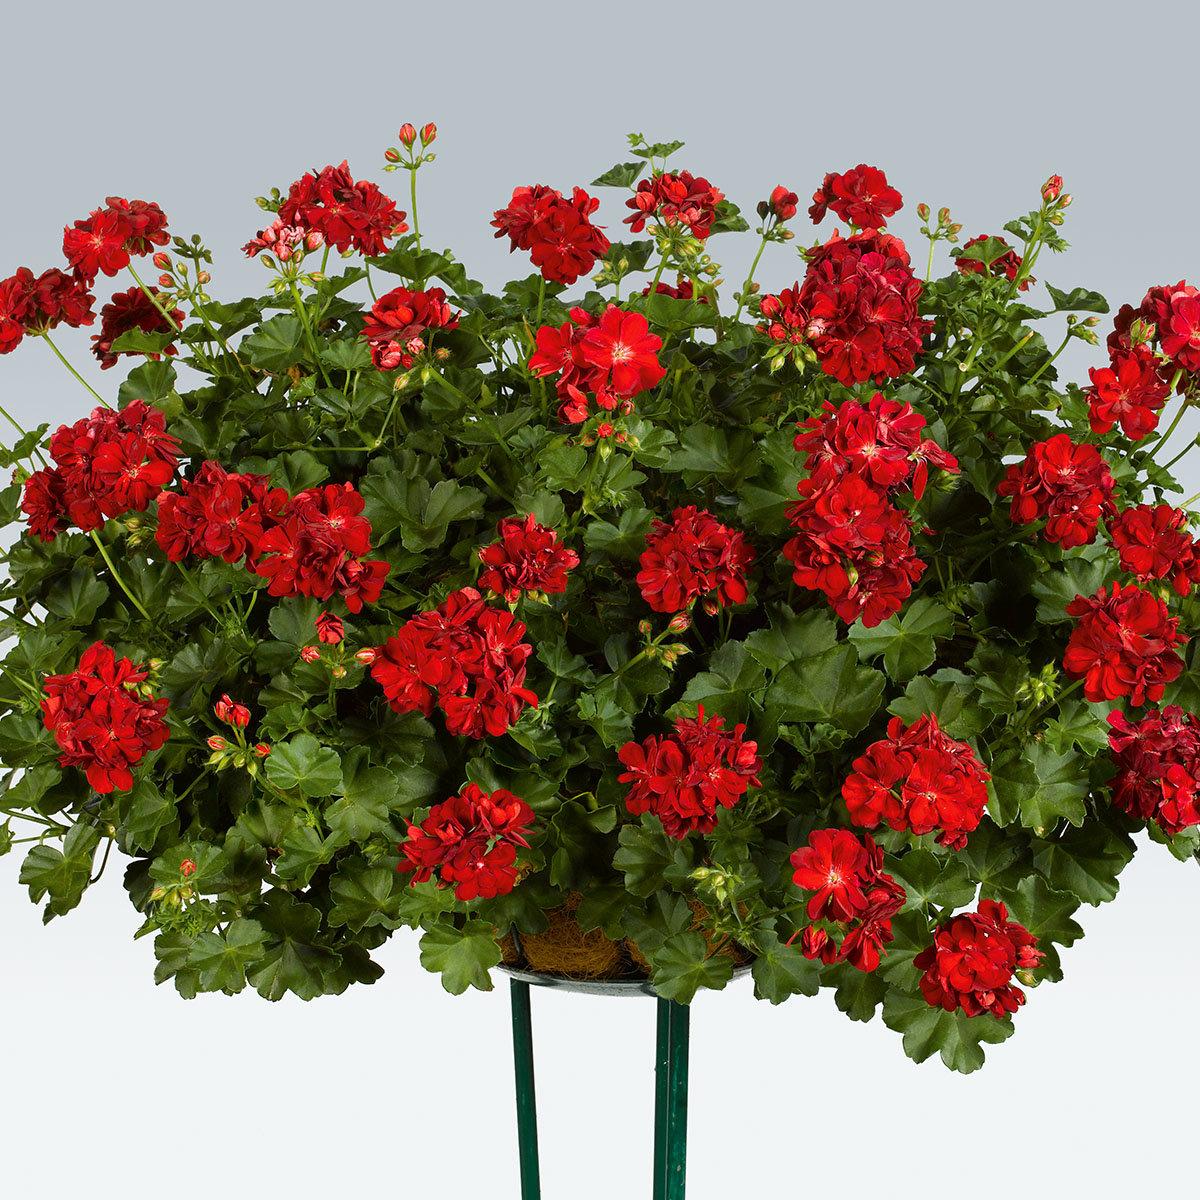 Dunkelrote Hänge-Geranie Royal Dark Red, im ca. 12 cm-Topf | #4